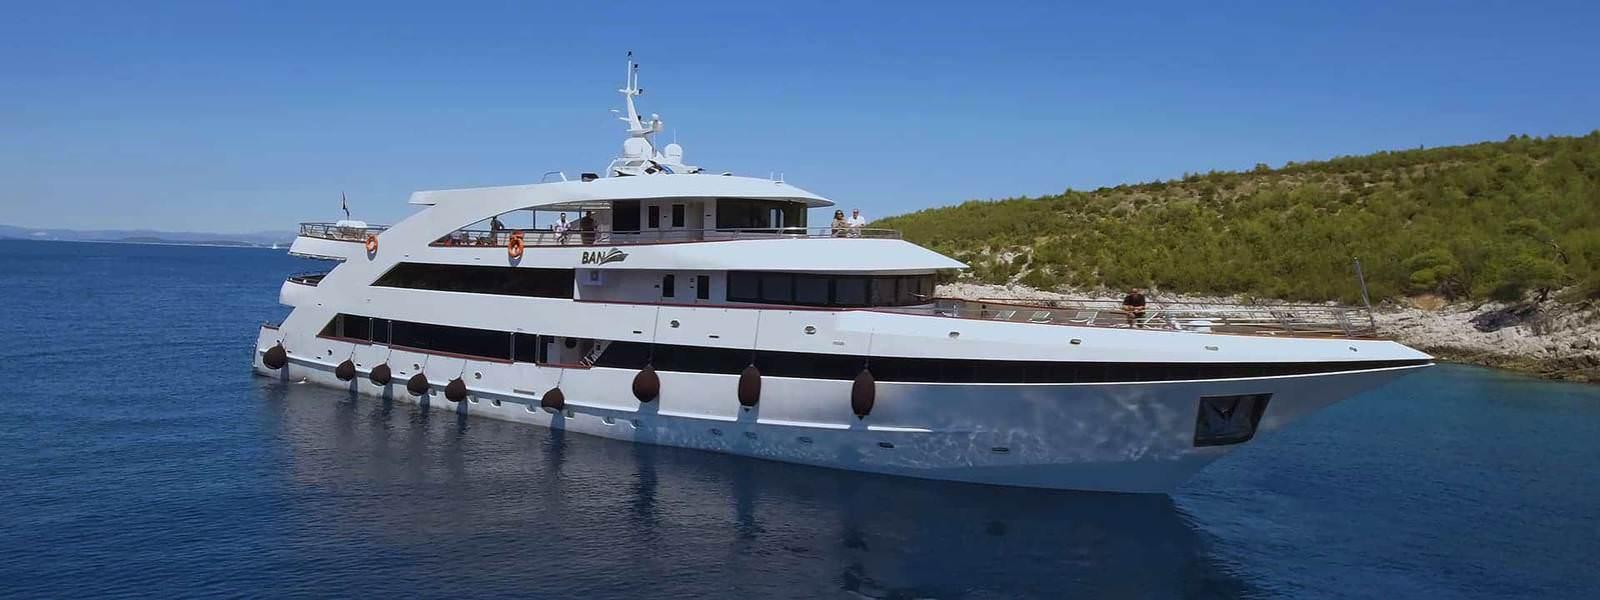 Yacht Ban - Mini cruiser